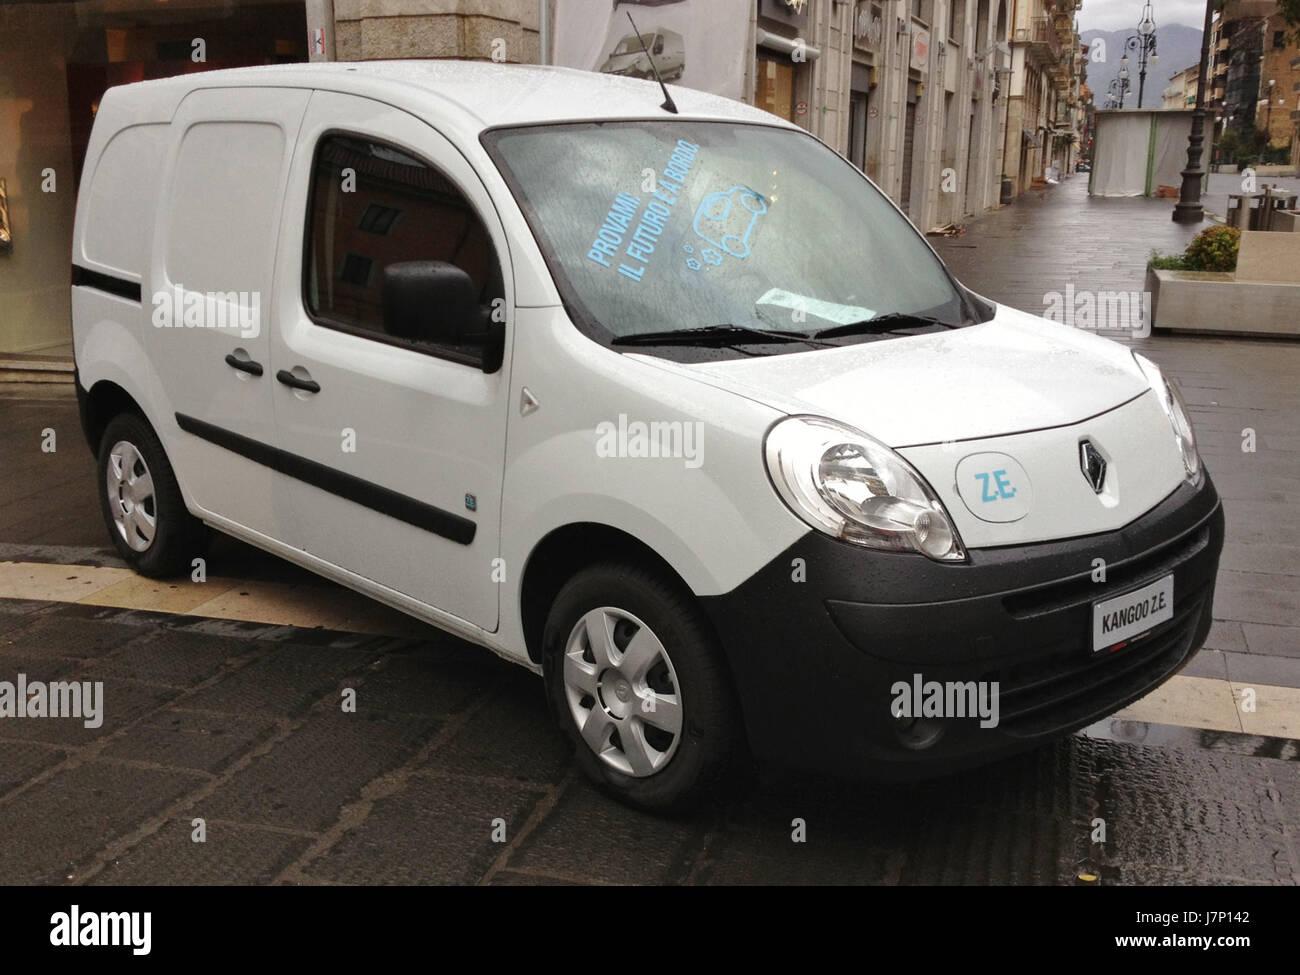 595b34eb65 Renault Kangoo Z E Stock Photos   Renault Kangoo Z E Stock Images ...